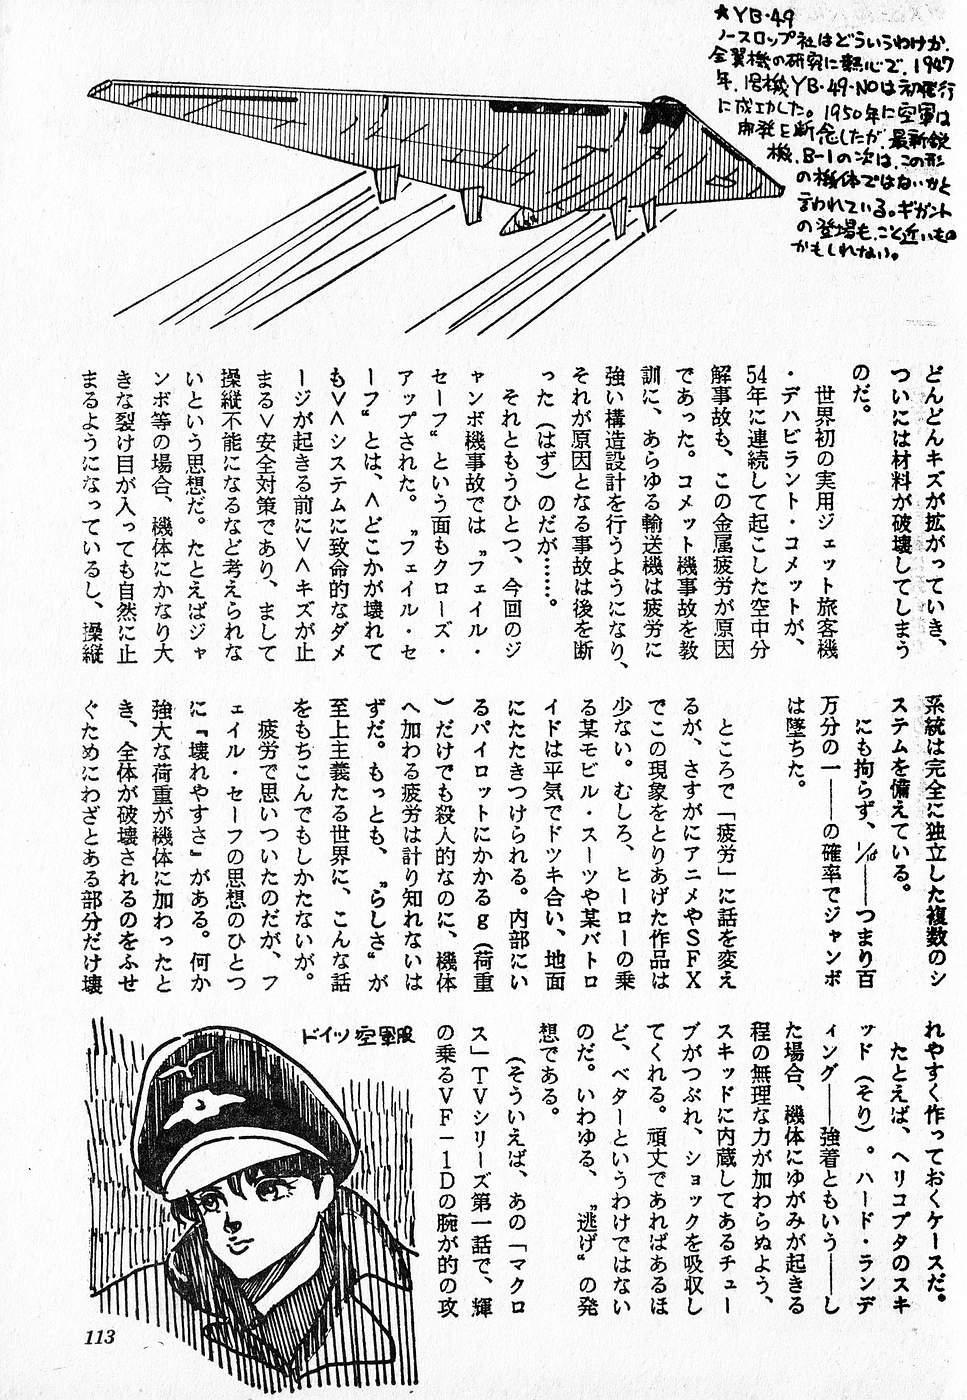 COMIC Lolipop 1985-10 Soukanjunbigou Aki 112